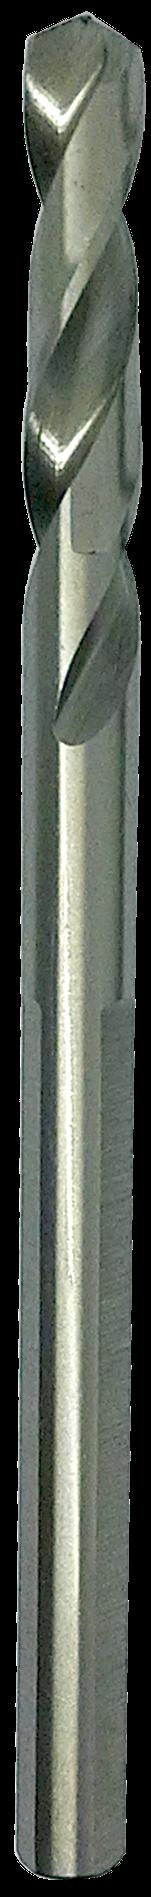 Центрирующее сверло для коронки BI-METAL